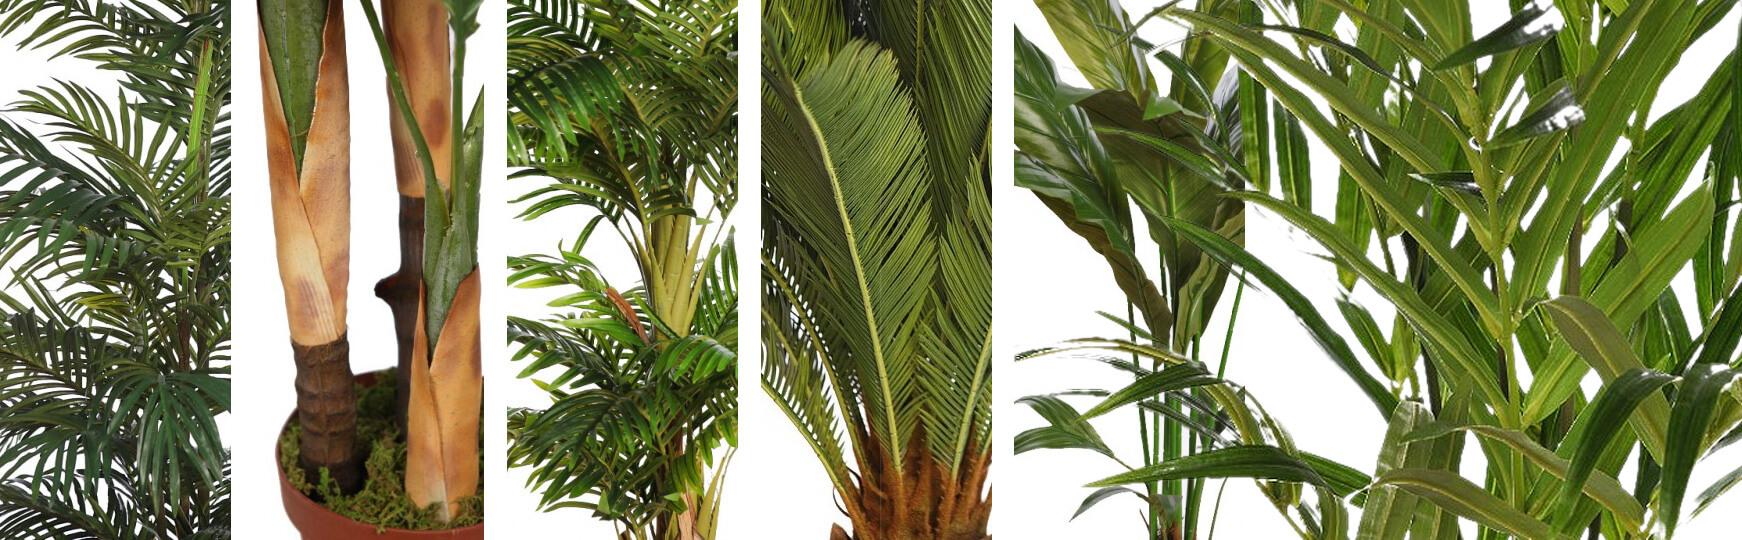 palmeras artificiales baratas